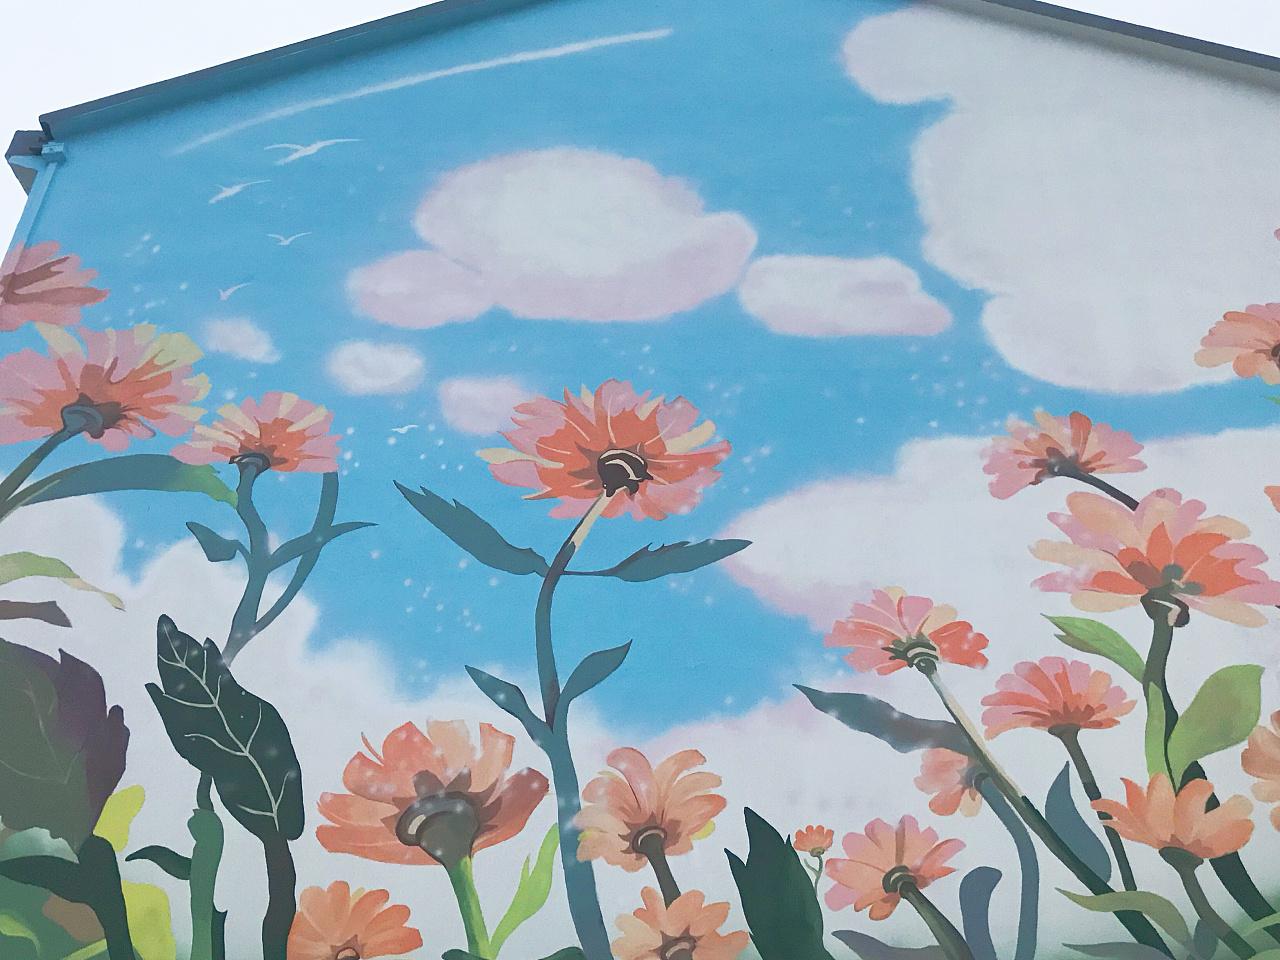 景德镇墙体彩绘文化墙,景德镇文化墙墙体彩绘,景德镇墙画涂鸦